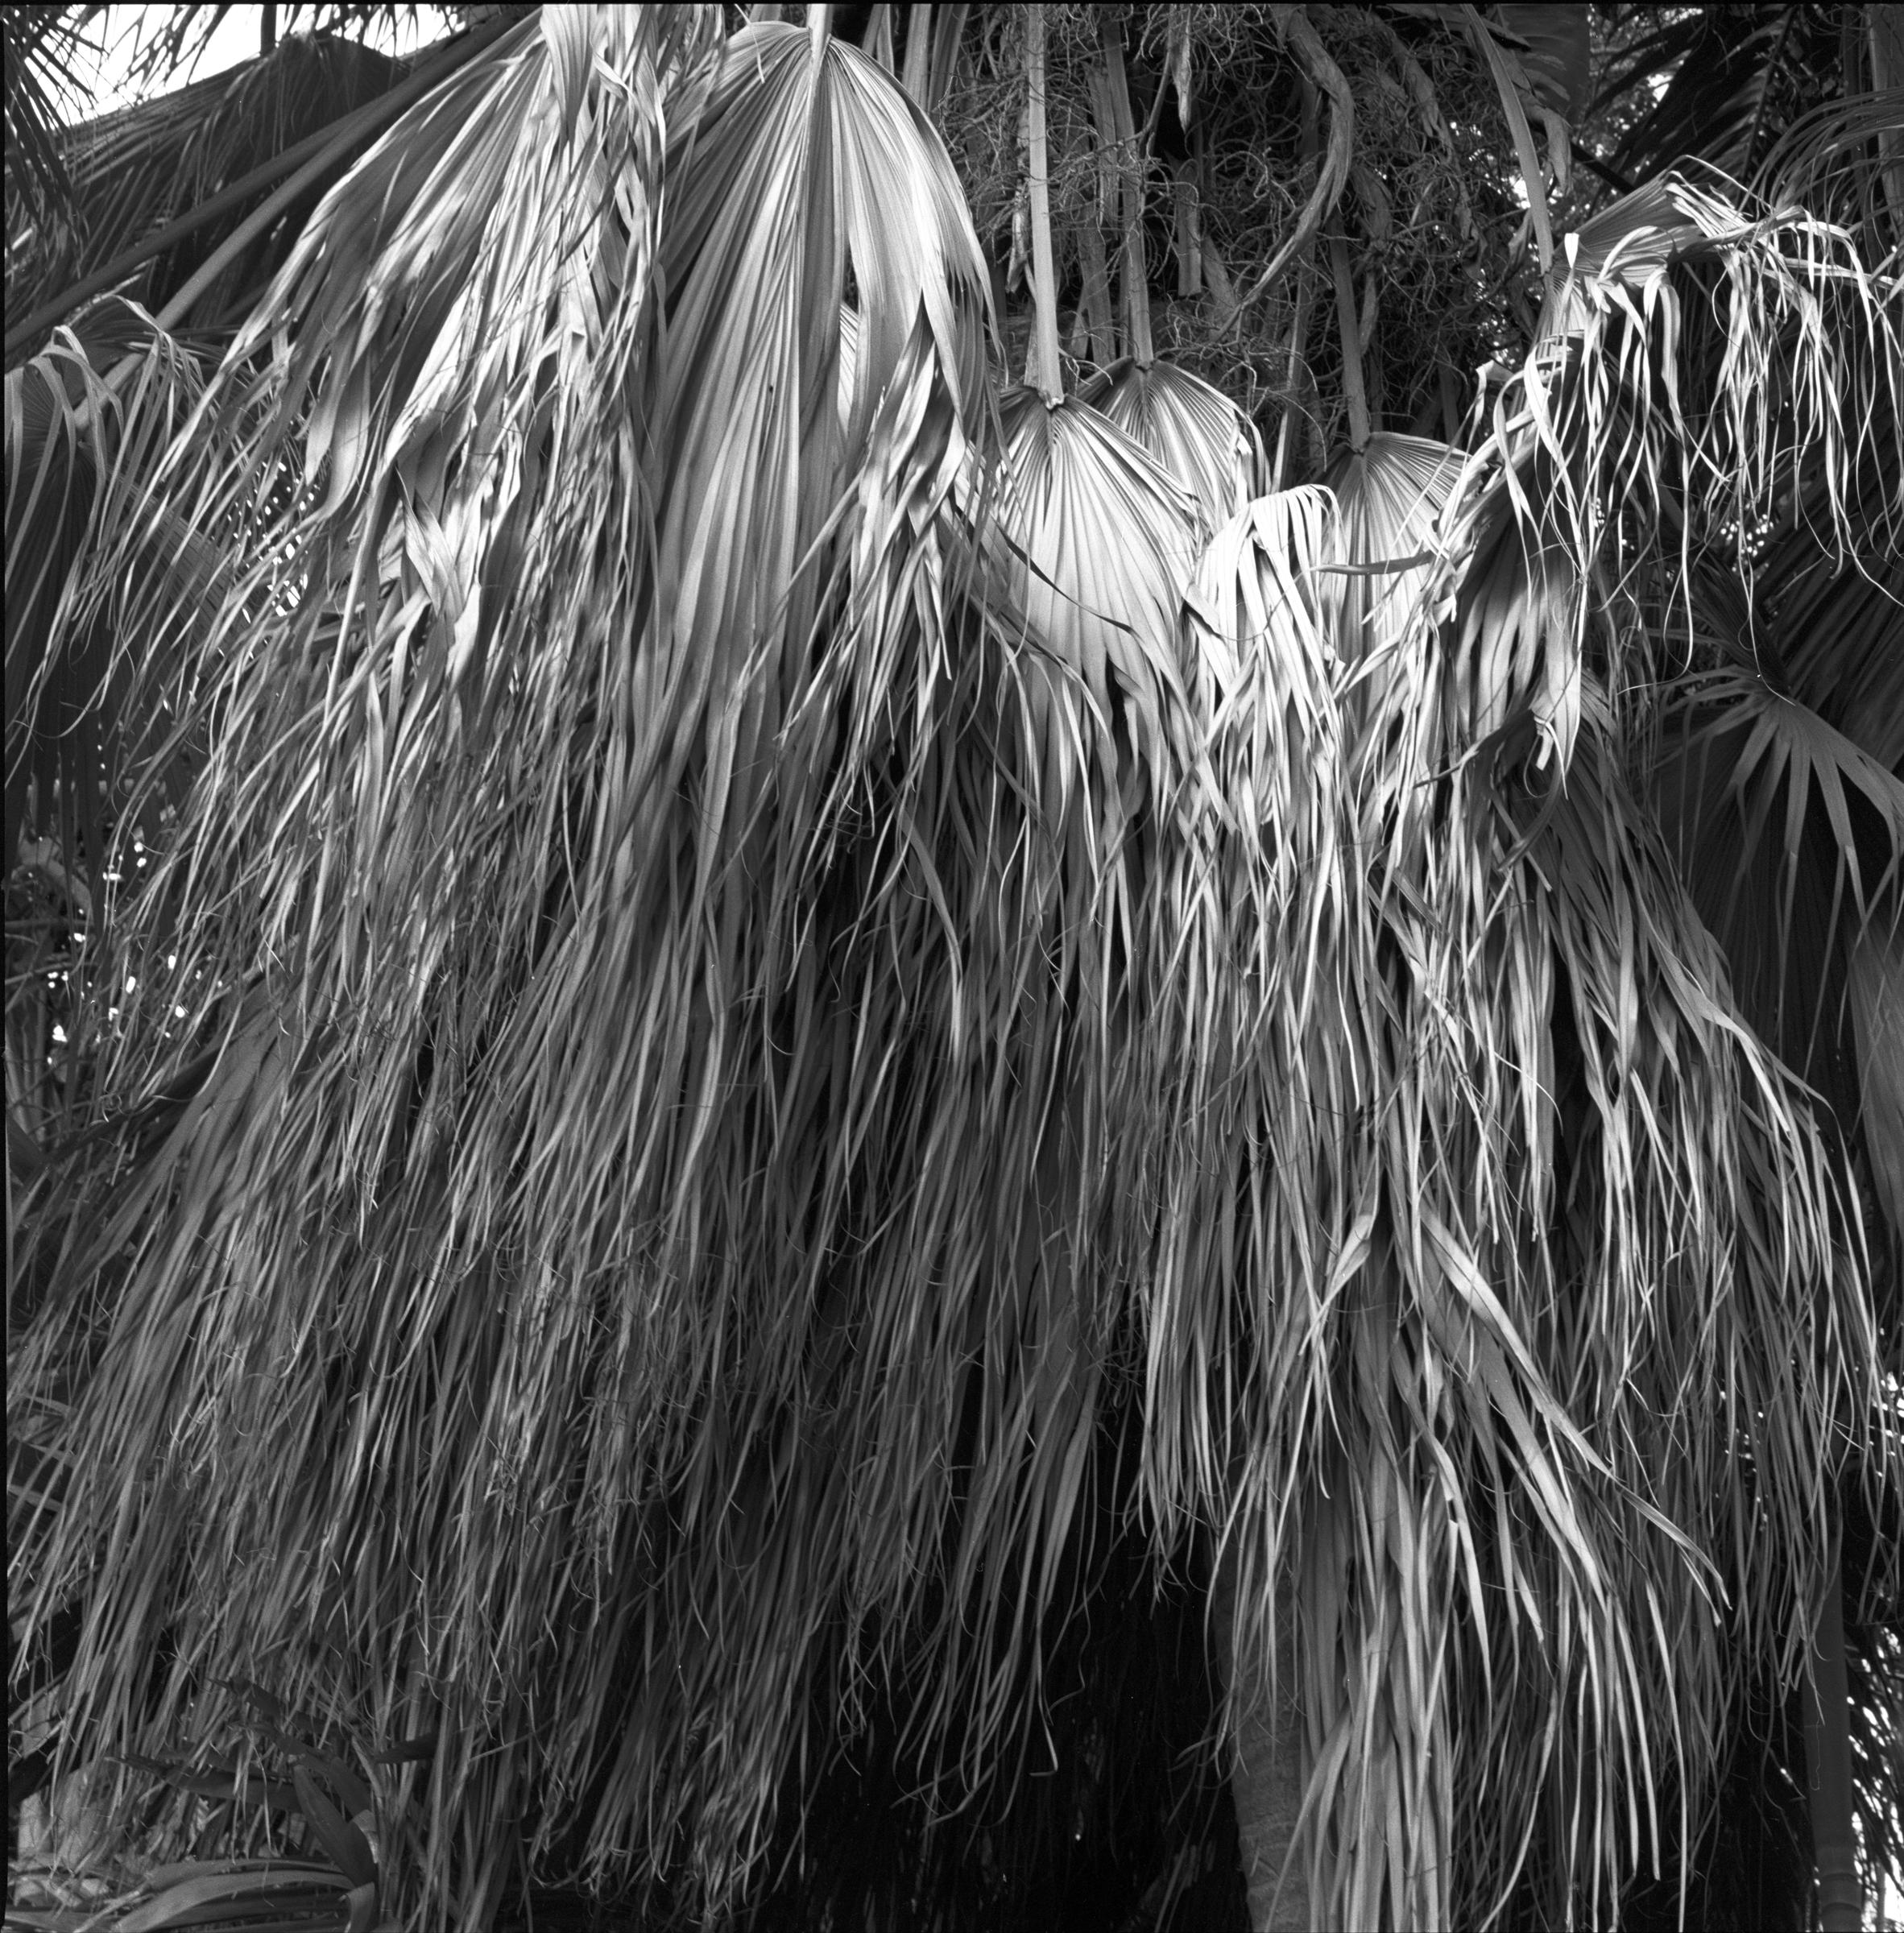 palmfronds2005.jpg